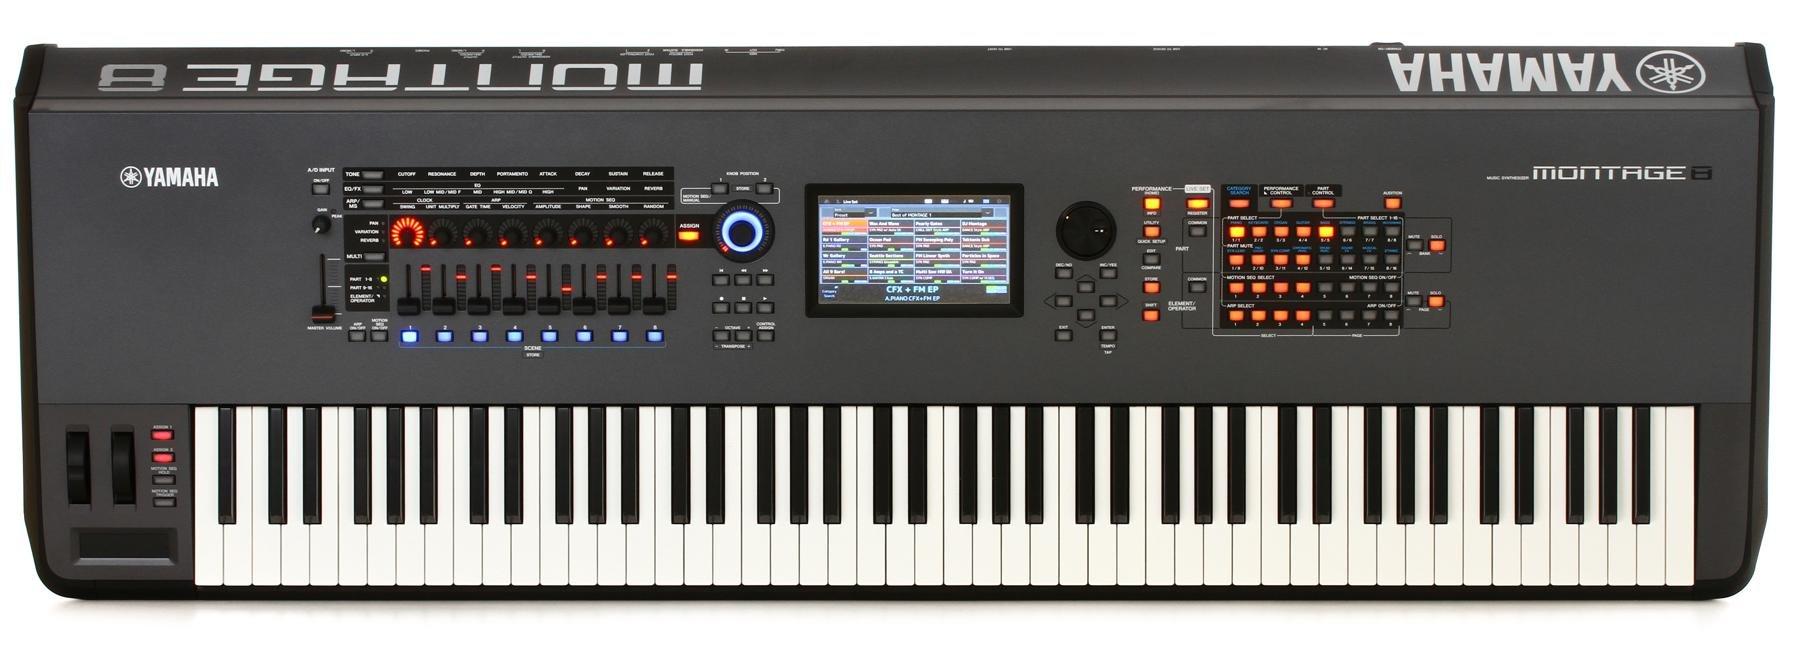 Yamaha Montage 8 88-key Synthesizer | Sweetwater